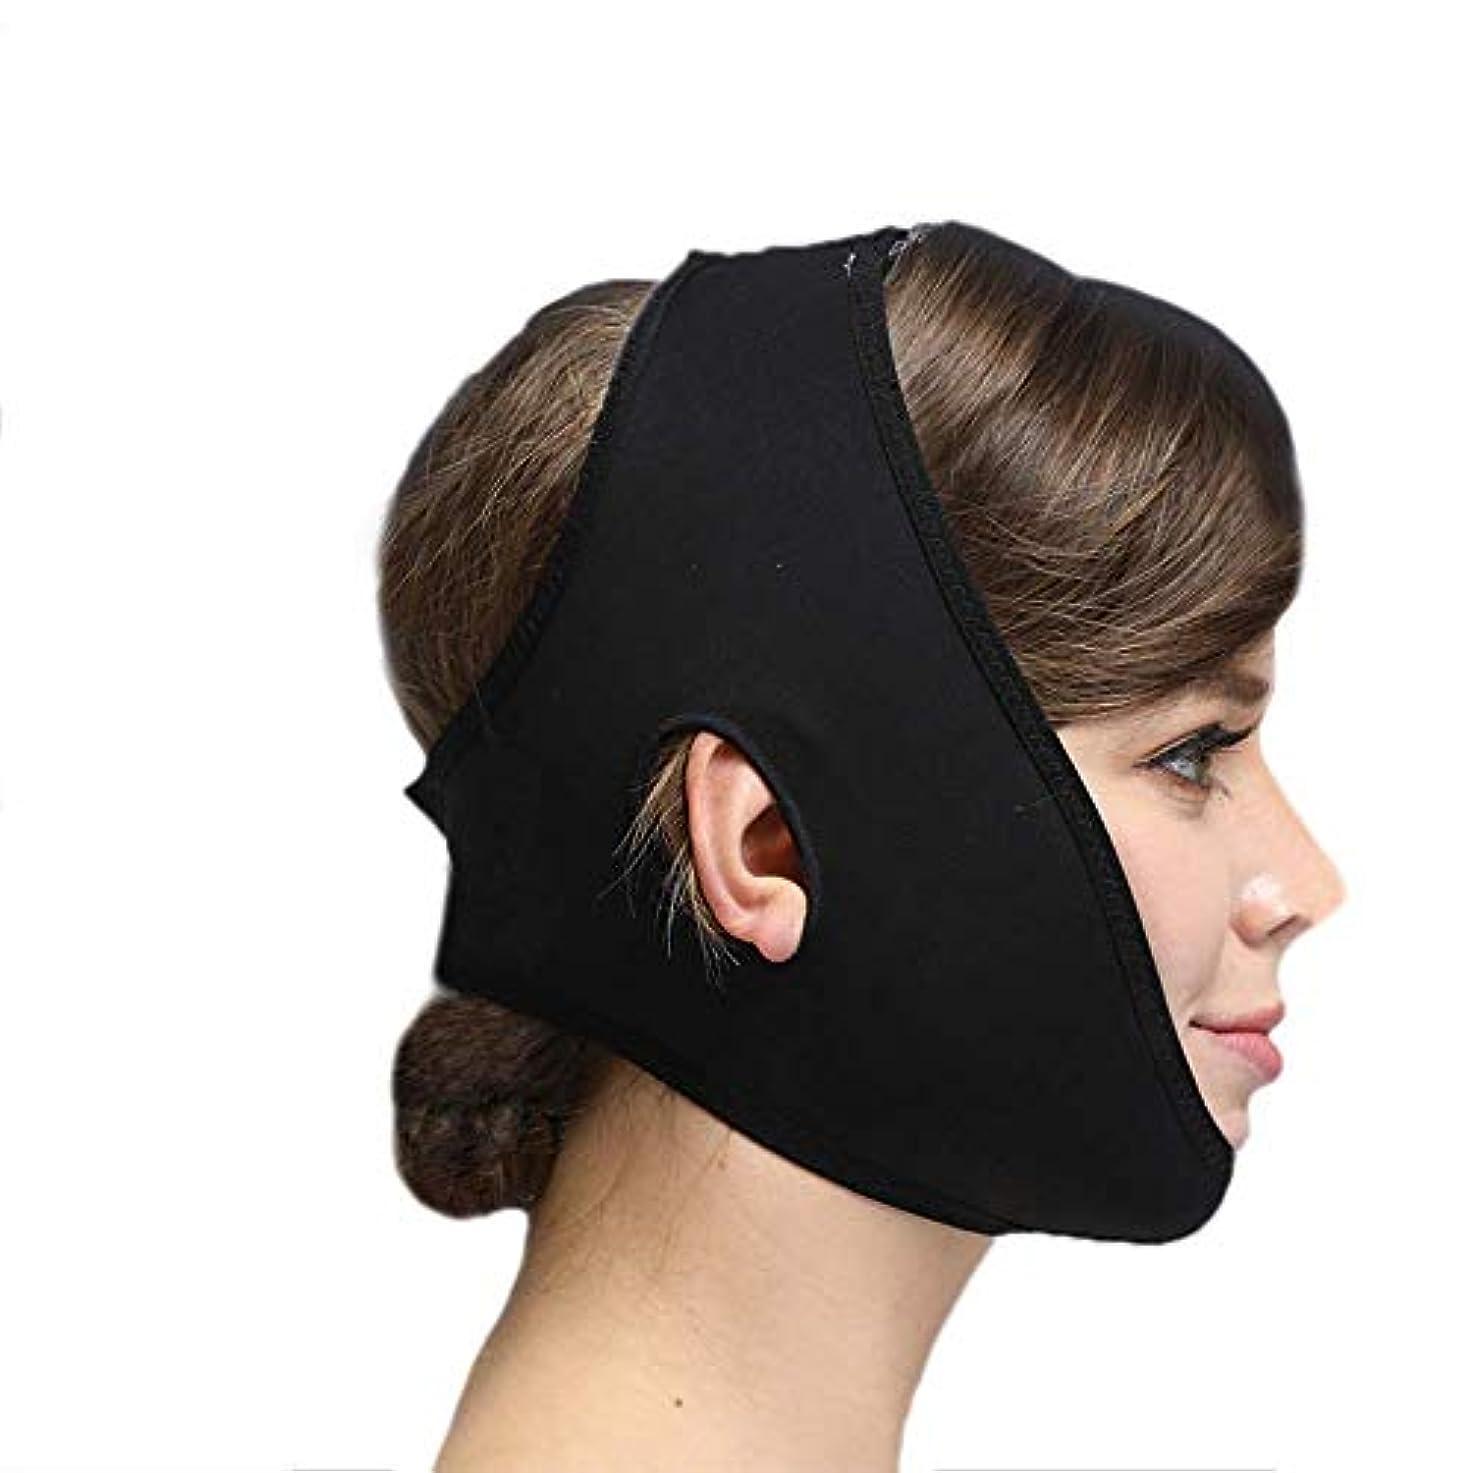 遅れ召喚する歴史的フェイススリミングマスク、快適さと通気性、フェイシャルリフティング、輪郭の改善された硬さ、ファーミングとリフティングフェイス(カラー:ブラック、サイズ:XL),ブラック2、L